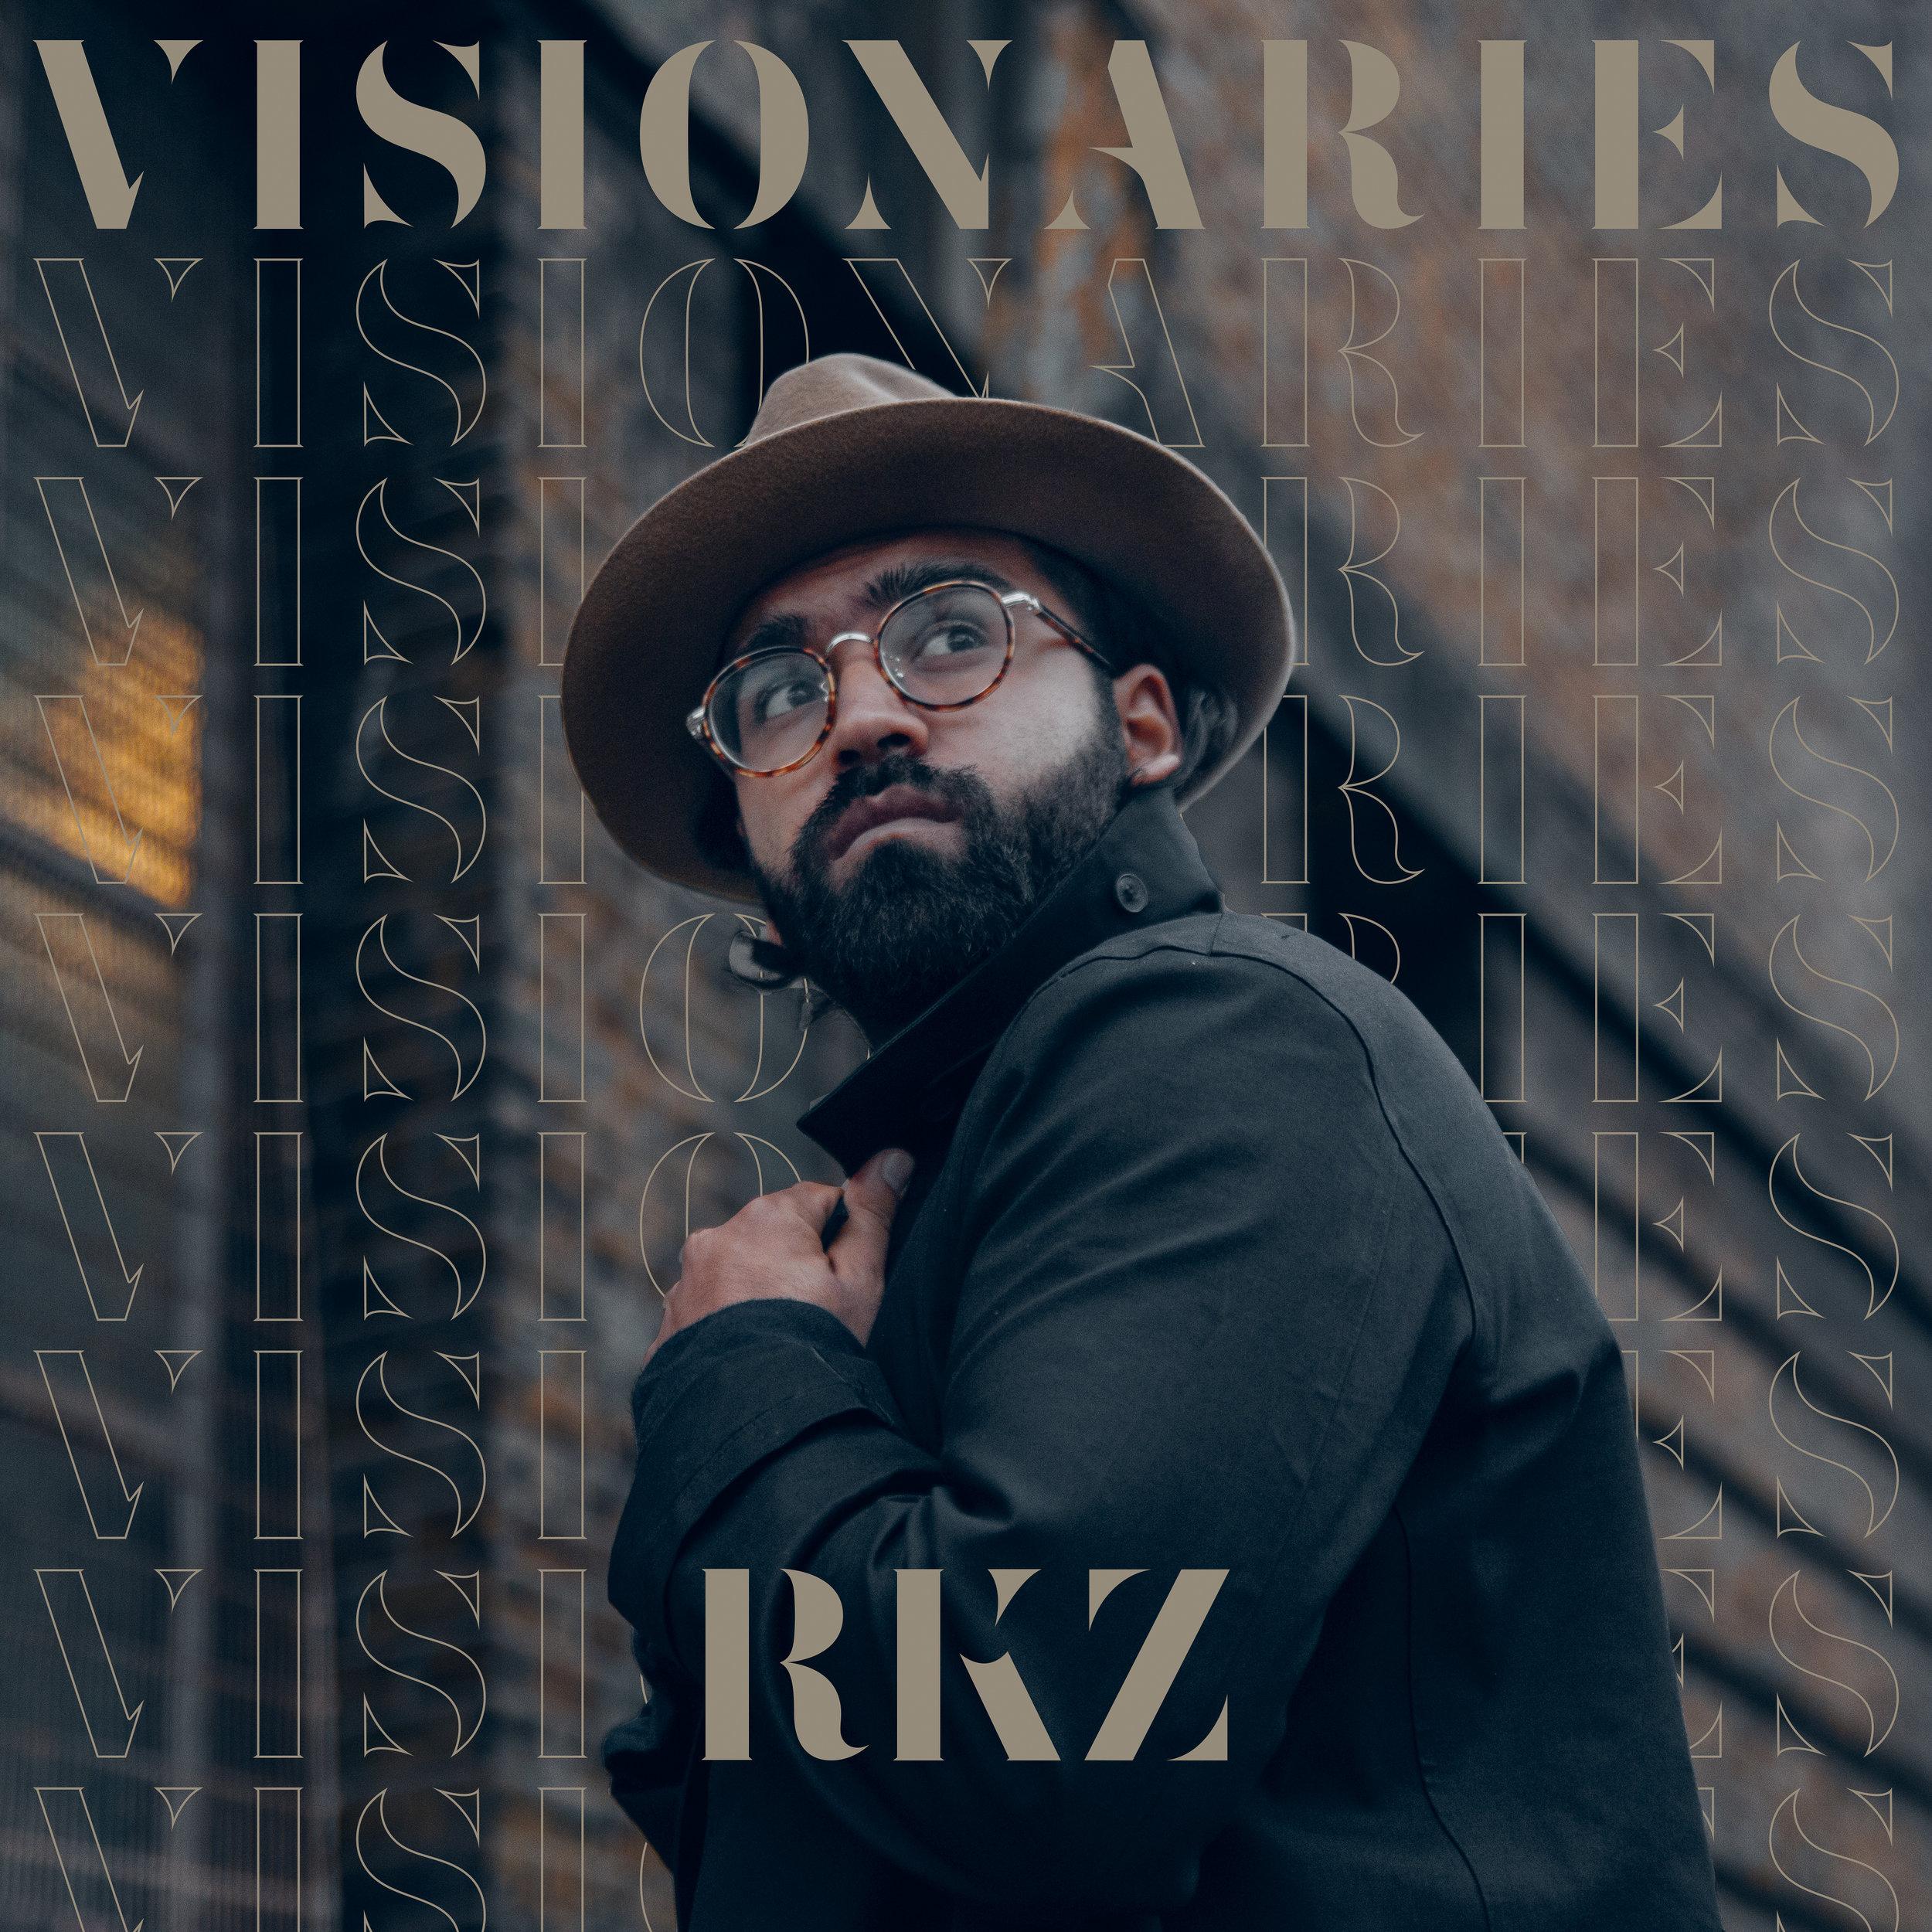 VISIONARIES, THE ALBUM